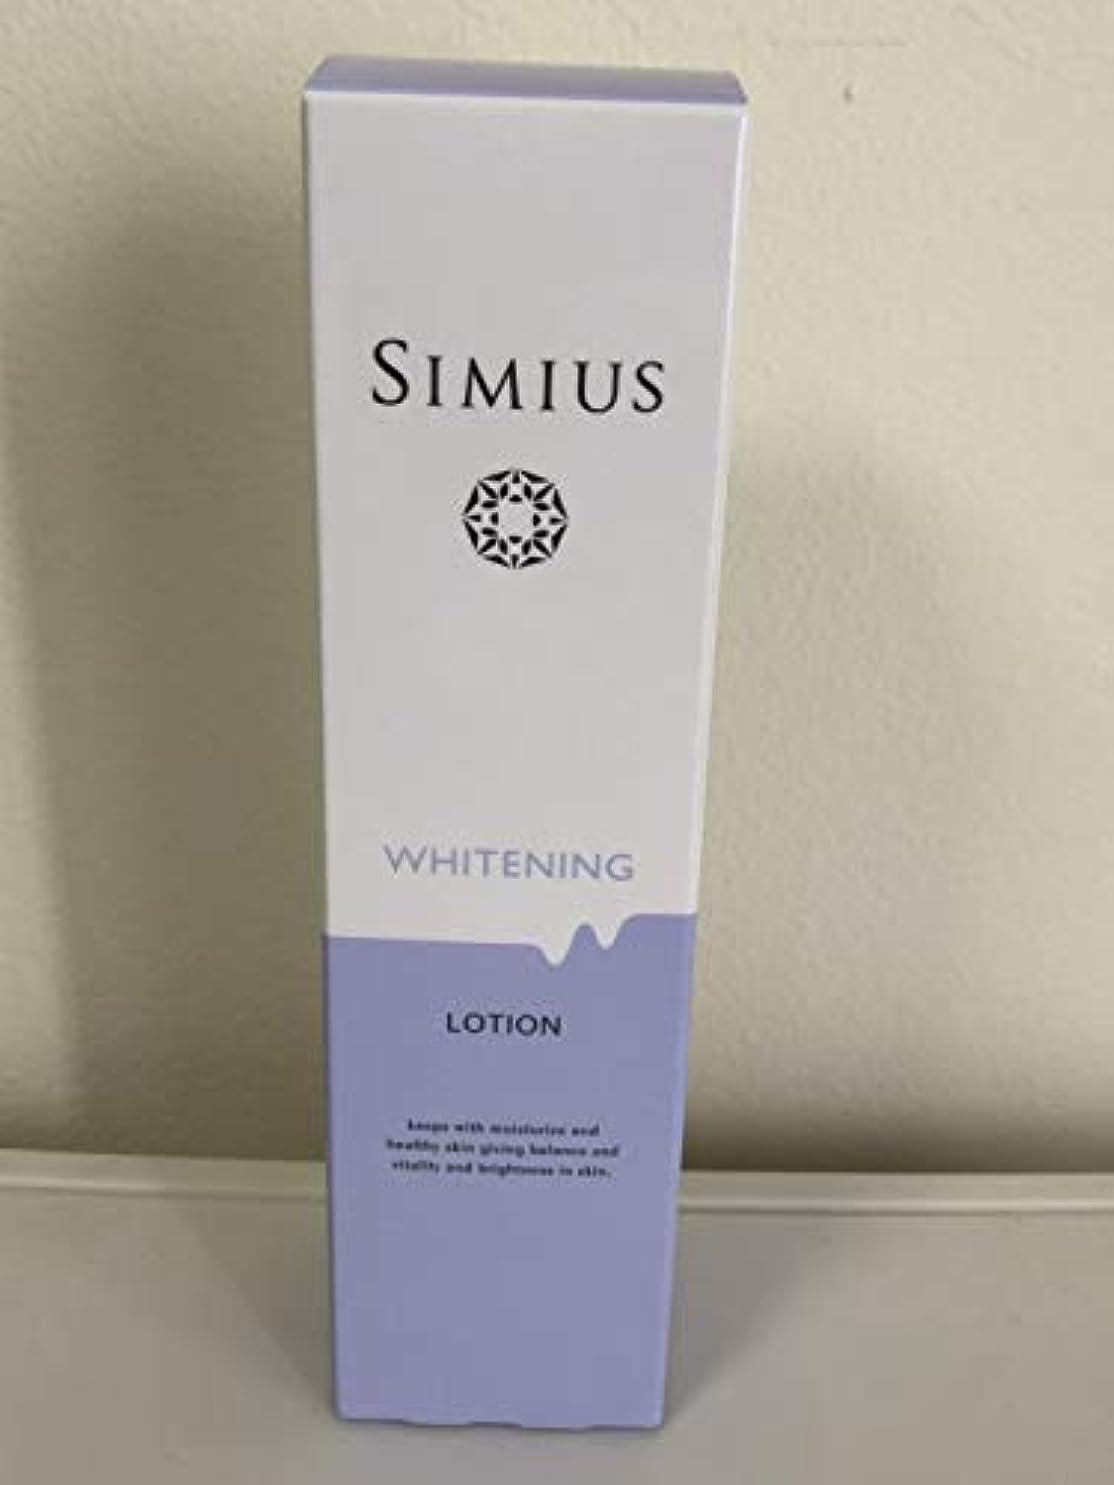 意味のある夜明け奪うGrace&Lucere Simius シミウス 薬用美白ホワイトC 化粧水 150ml